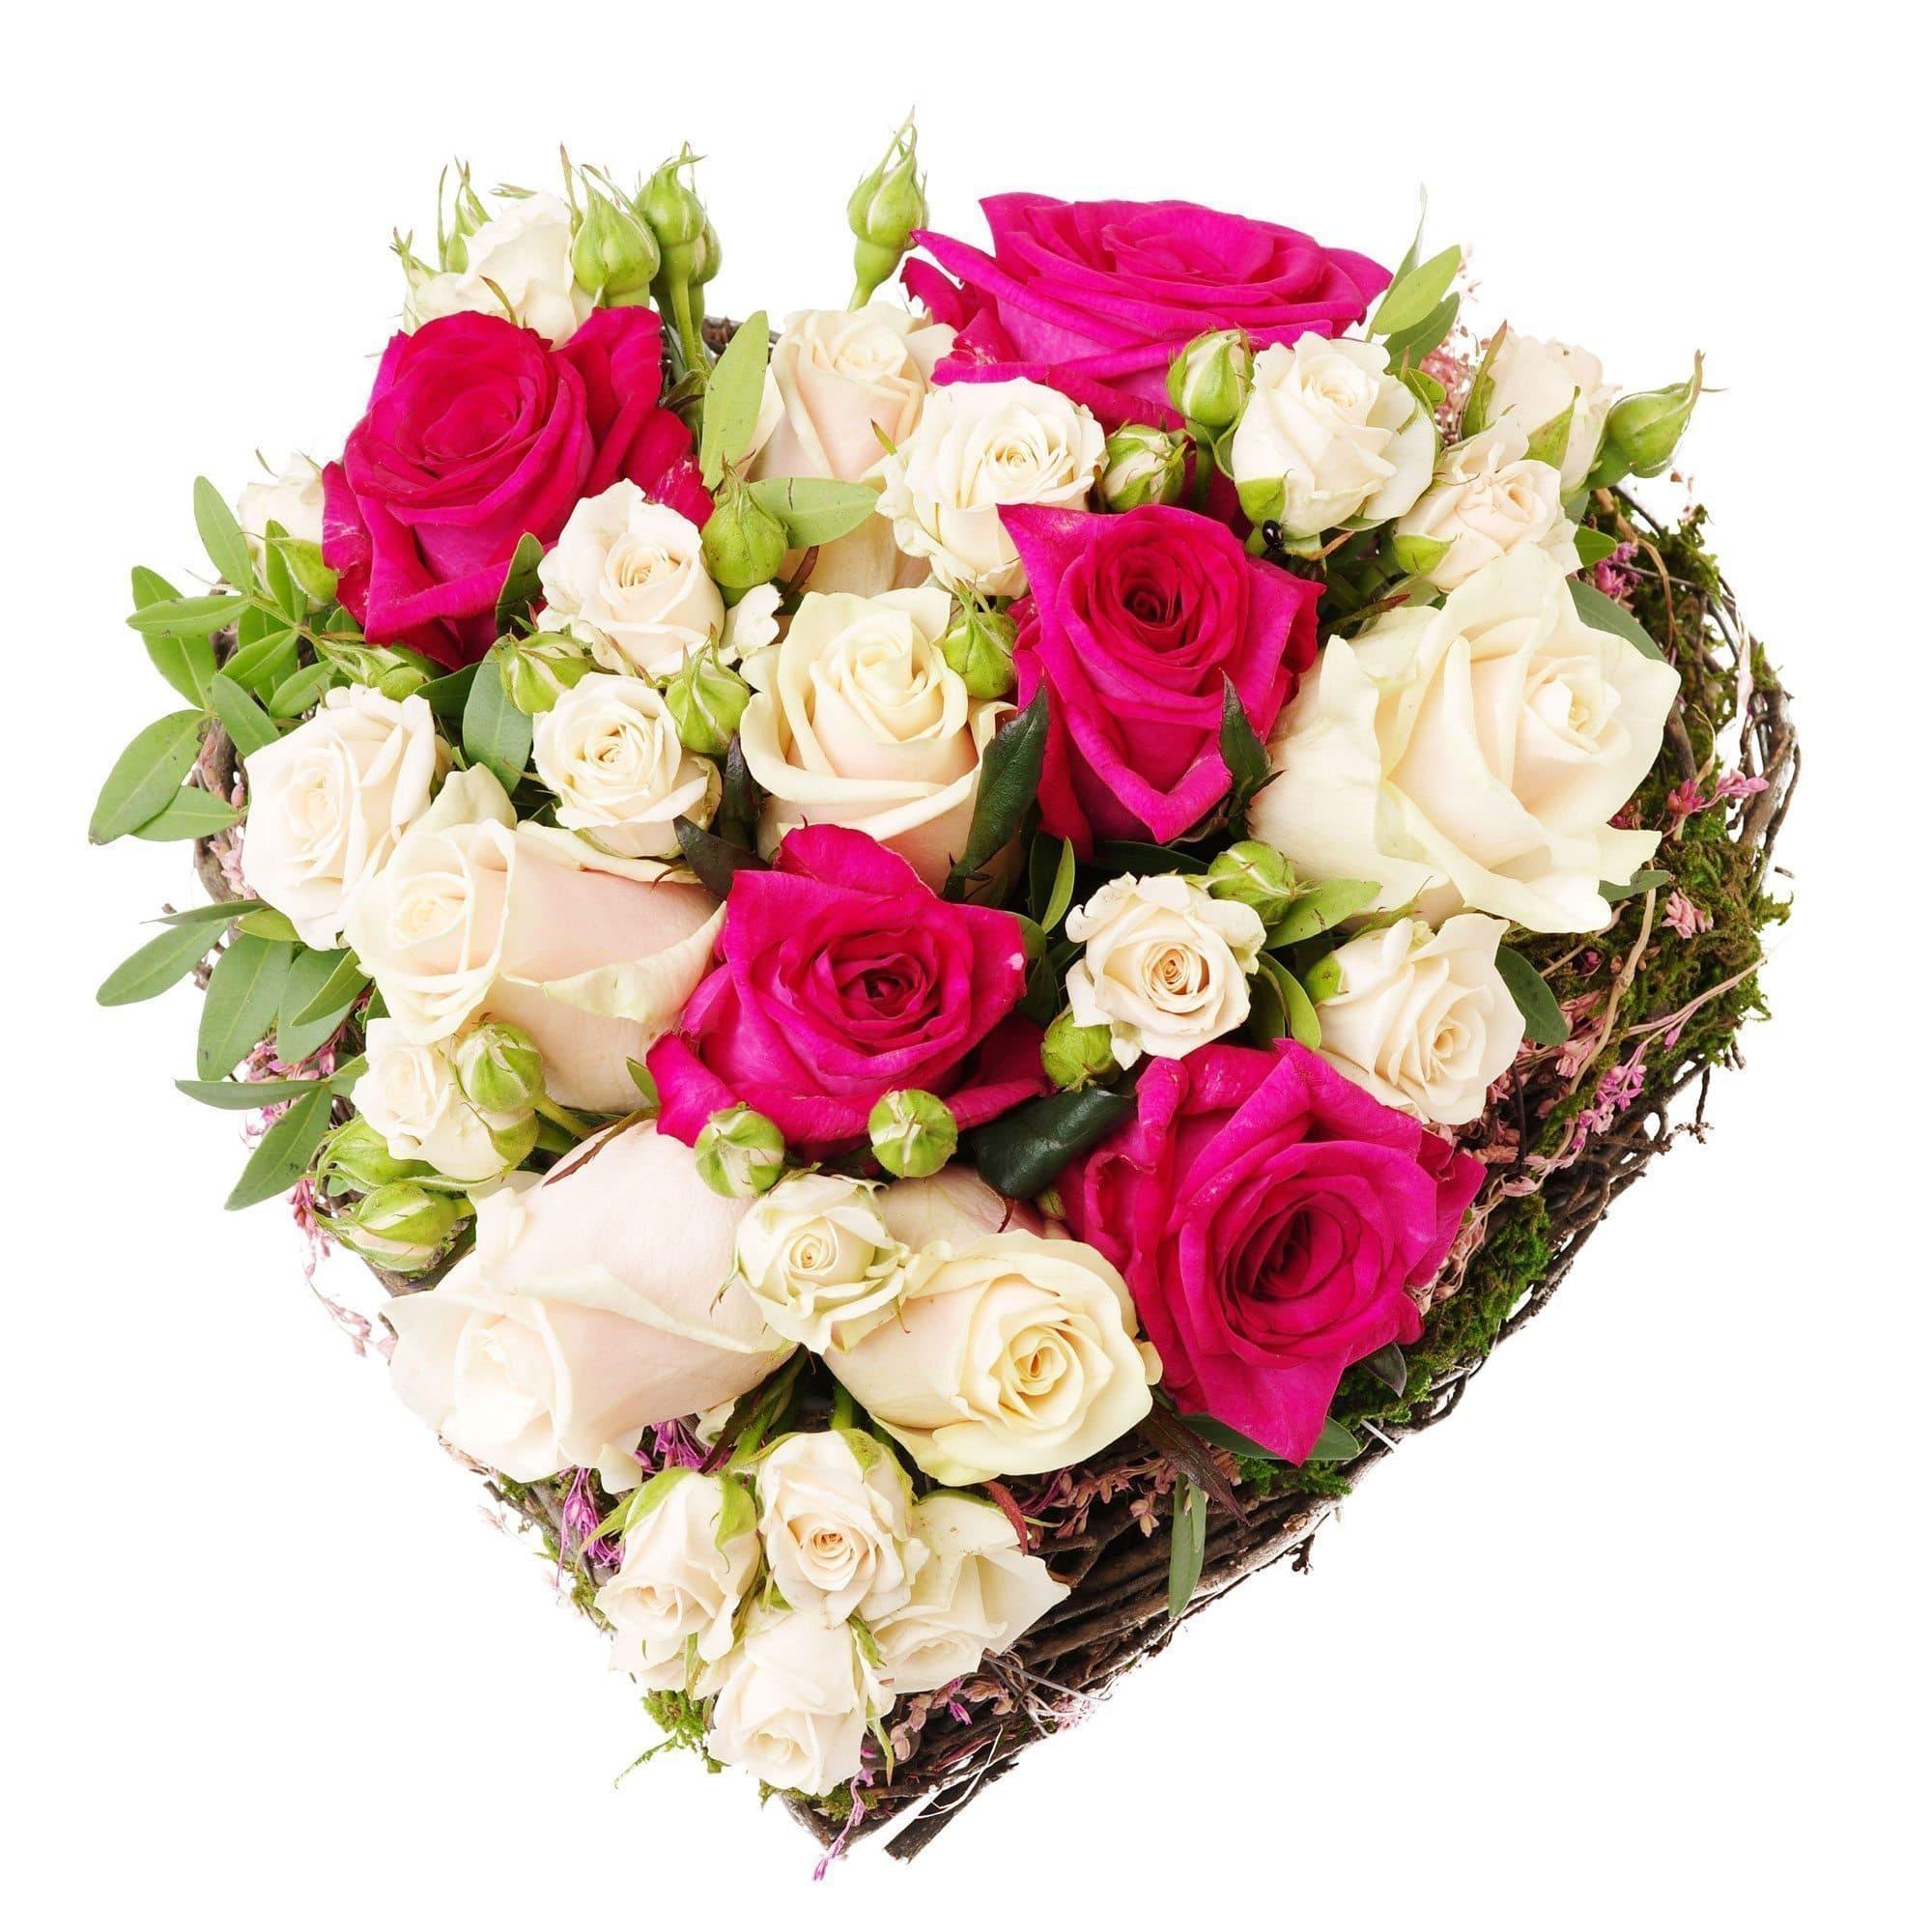 Сердце из роз ГармонияСердца<br>Подарочная композиция в форме сердца Гармония выполнена из 13 роз. Несмотря на такое число, она принесет получателю только радость. Идеальное сочетание красных и кремовых роз станет выражением Вашей любви и искренности.<br><br>Конструкция композиция состоит...<br>